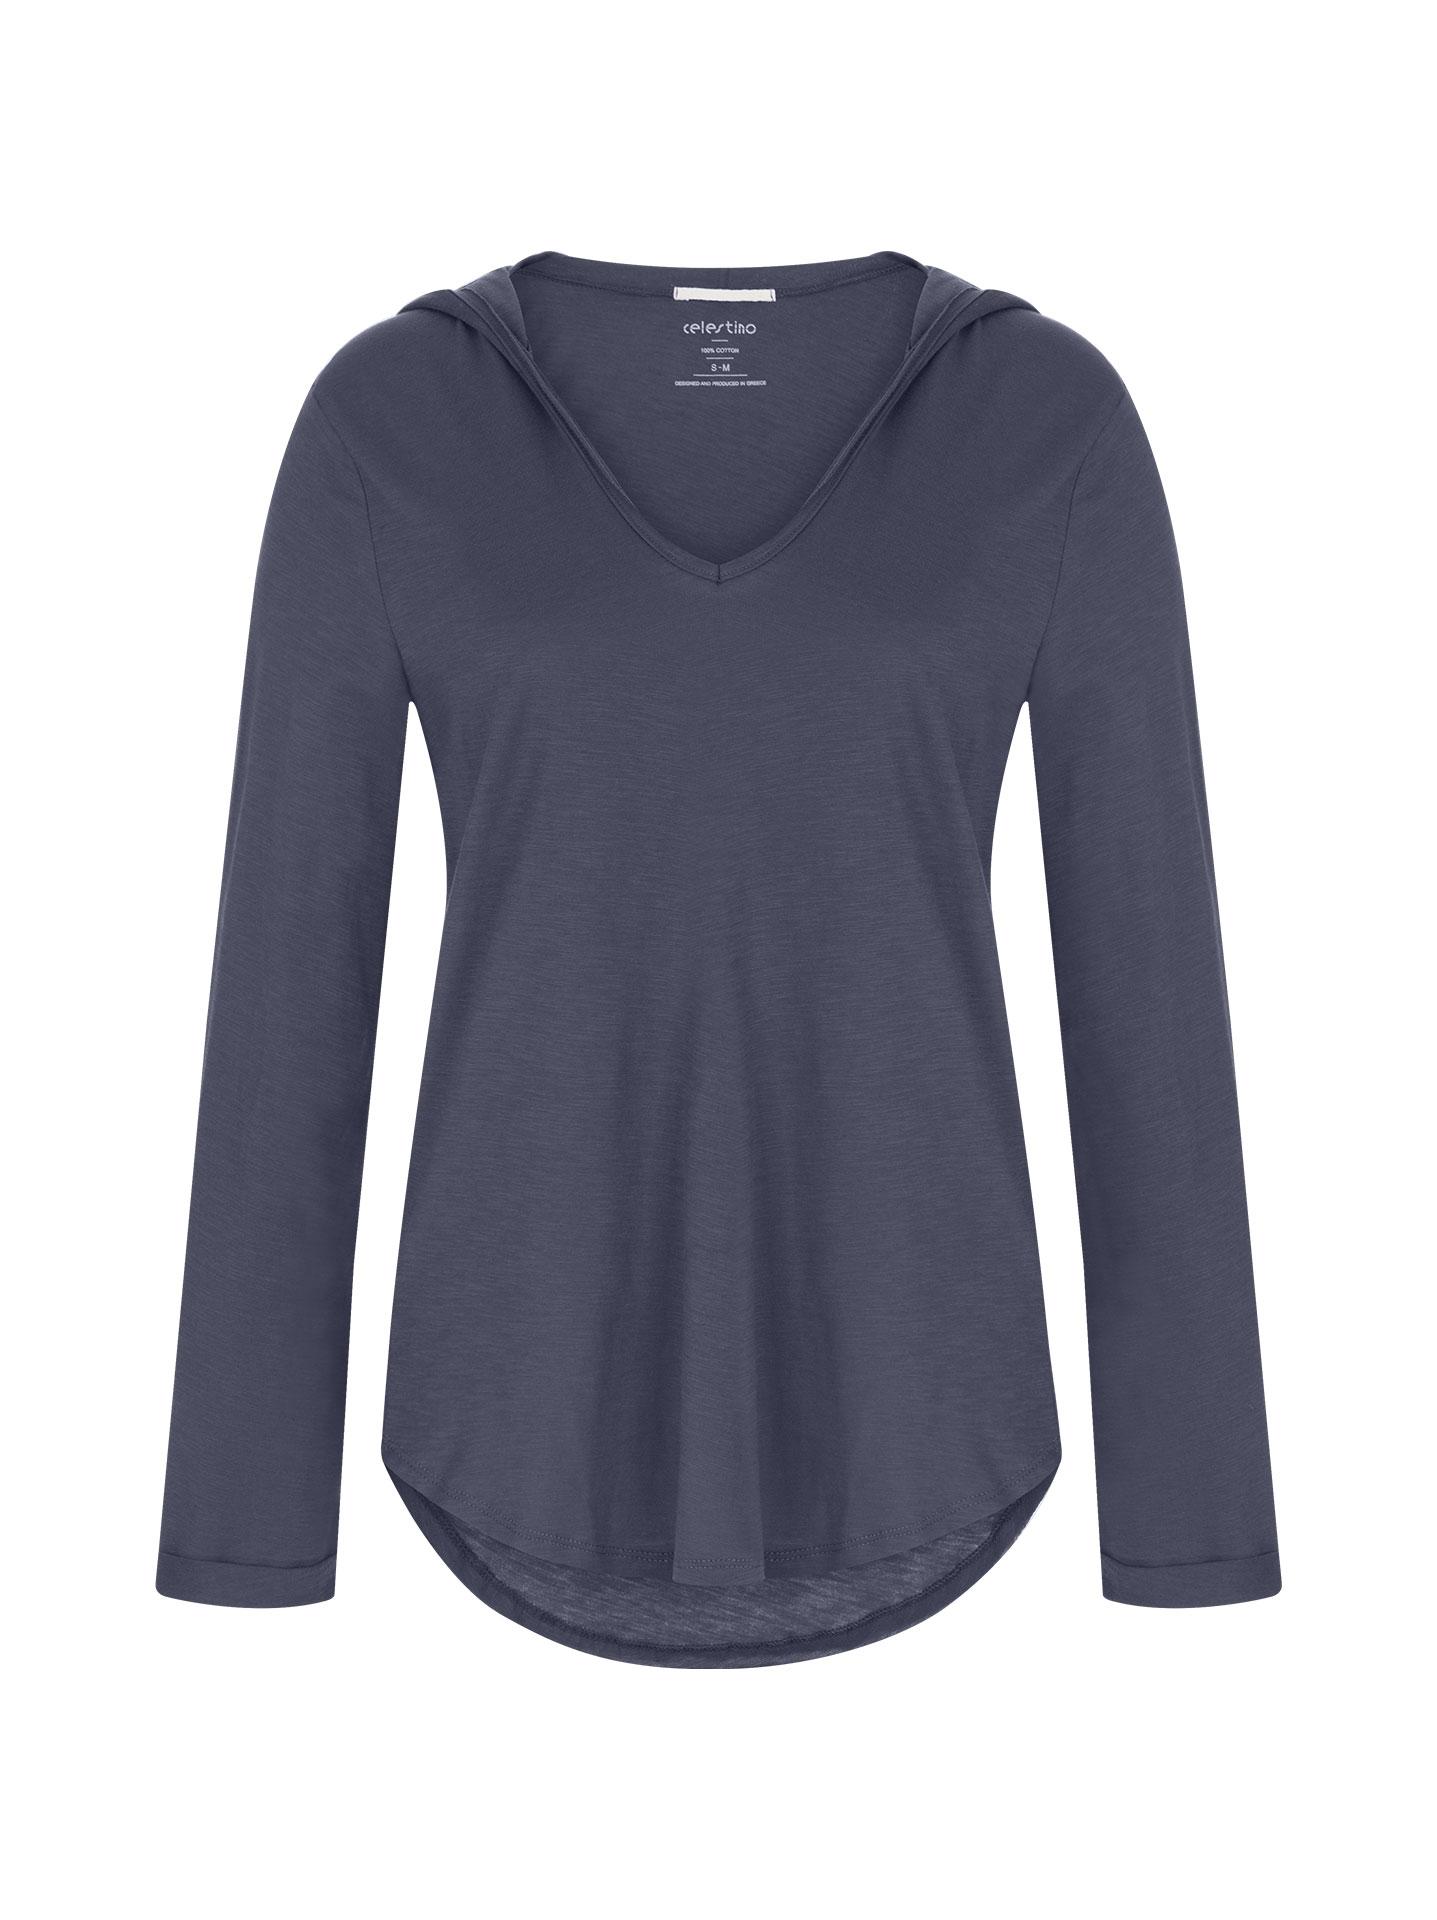 Βαμβακερή μπλούζα με κουκούλα σε μπλε ραφ 0fe7fb6ab9d